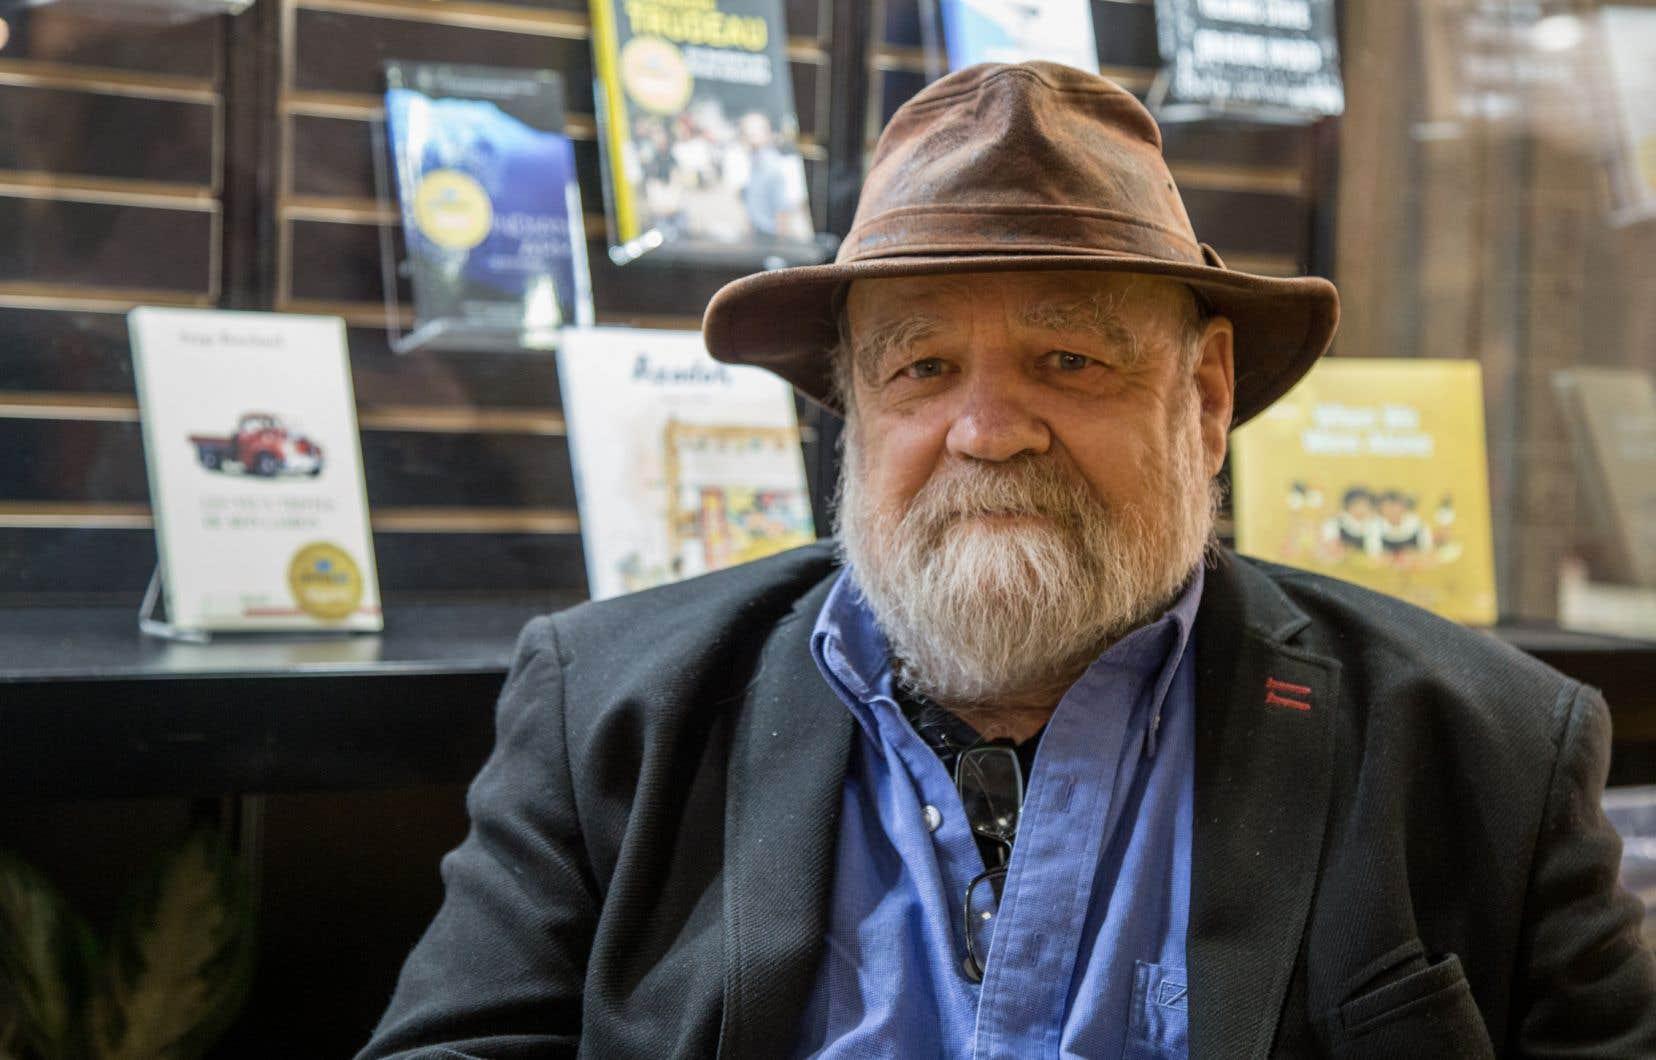 Serge Bouchard, anthropologue, animateur et auteur, lors du Salon du livre de Montréal 2017 à la Place Bonaventure